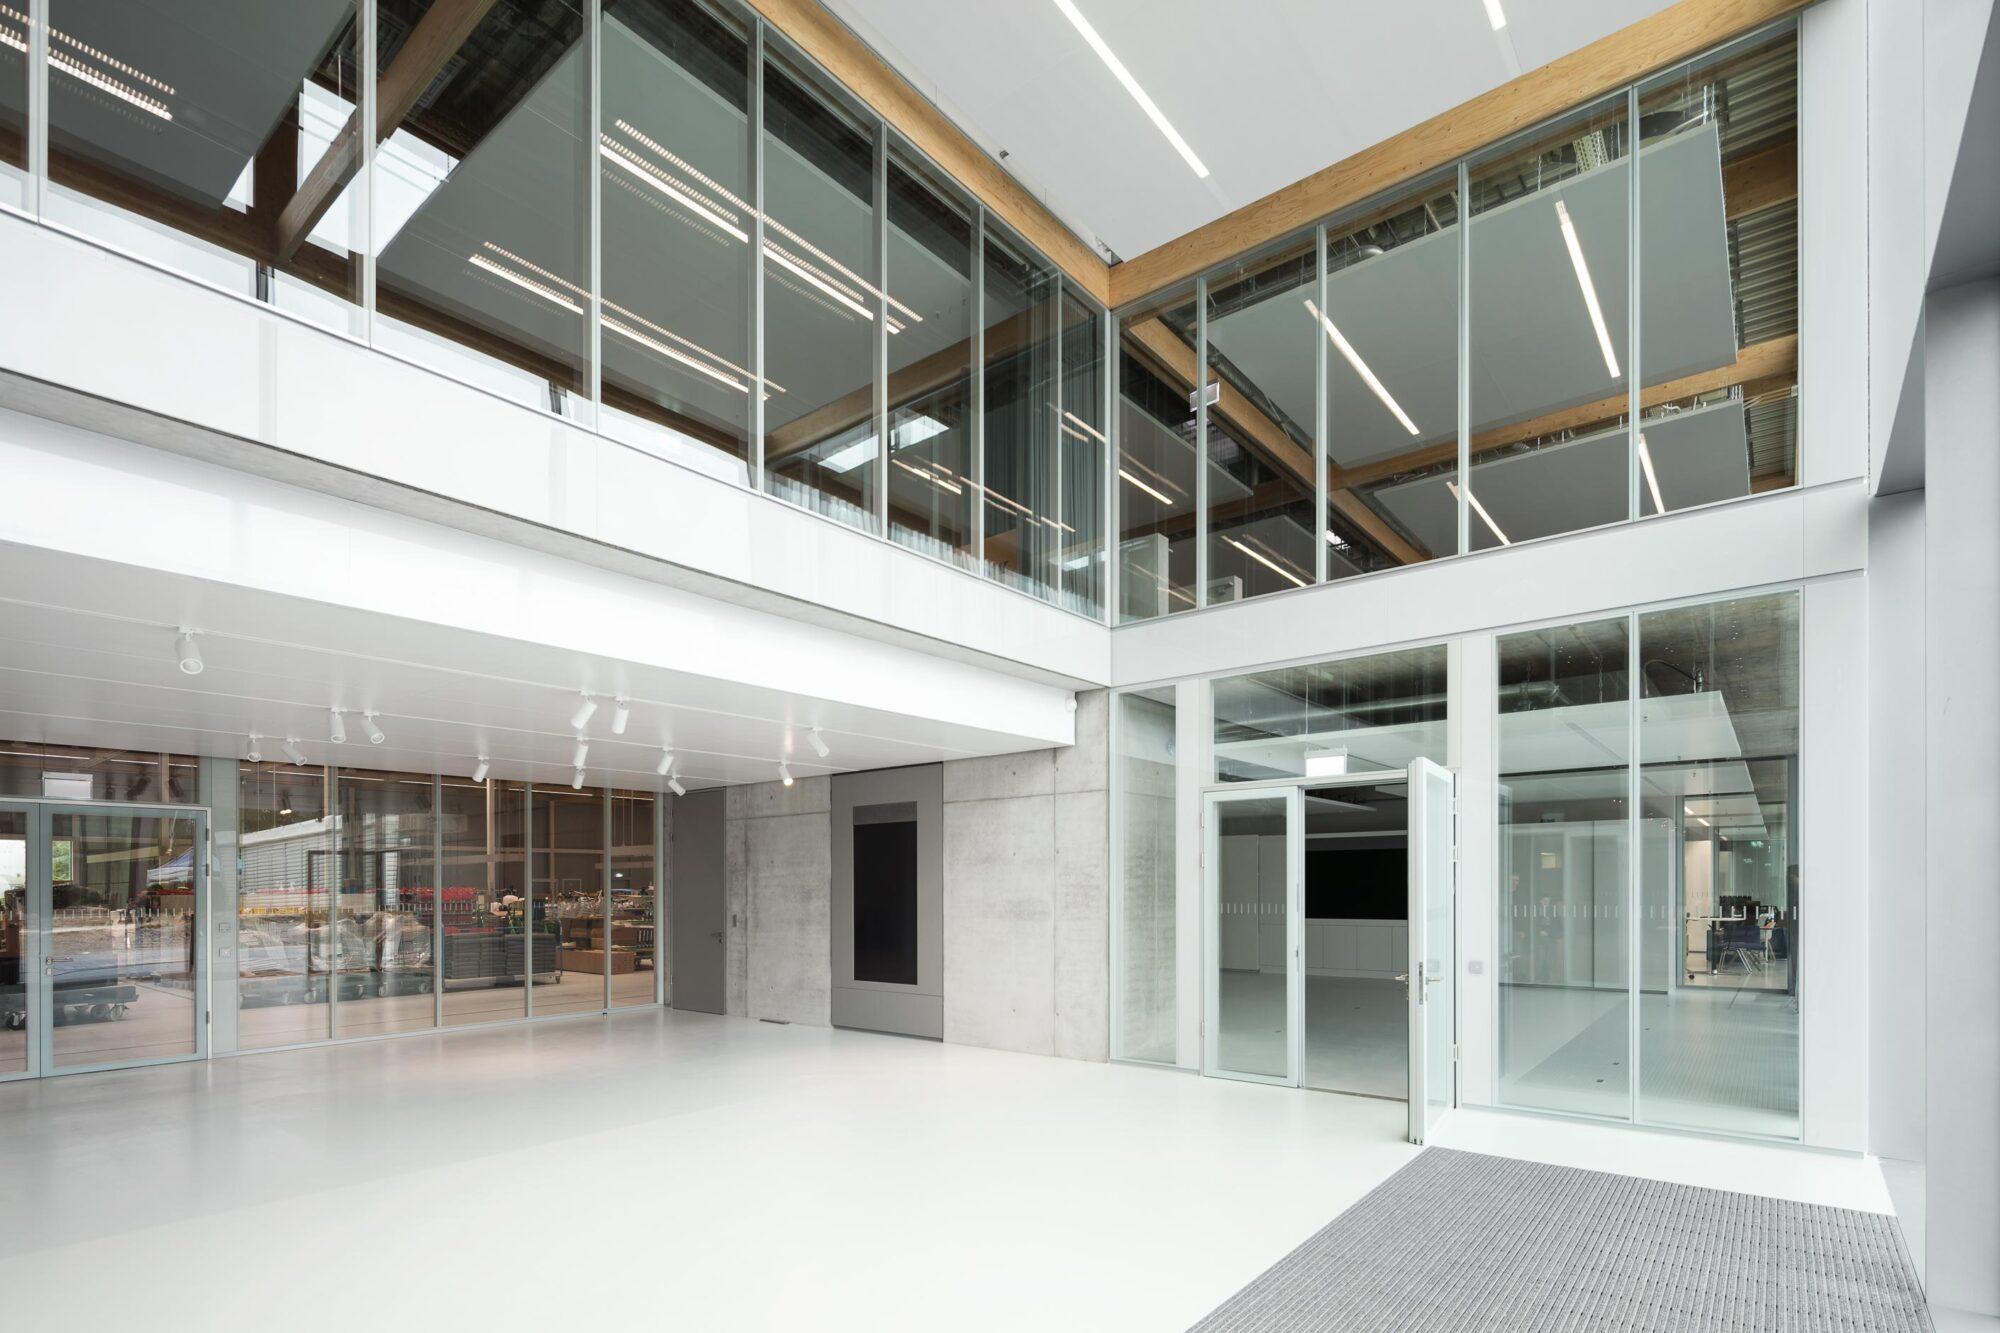 Absturzsichernde Verglasung fecostruct   Brunner Innovation Factory